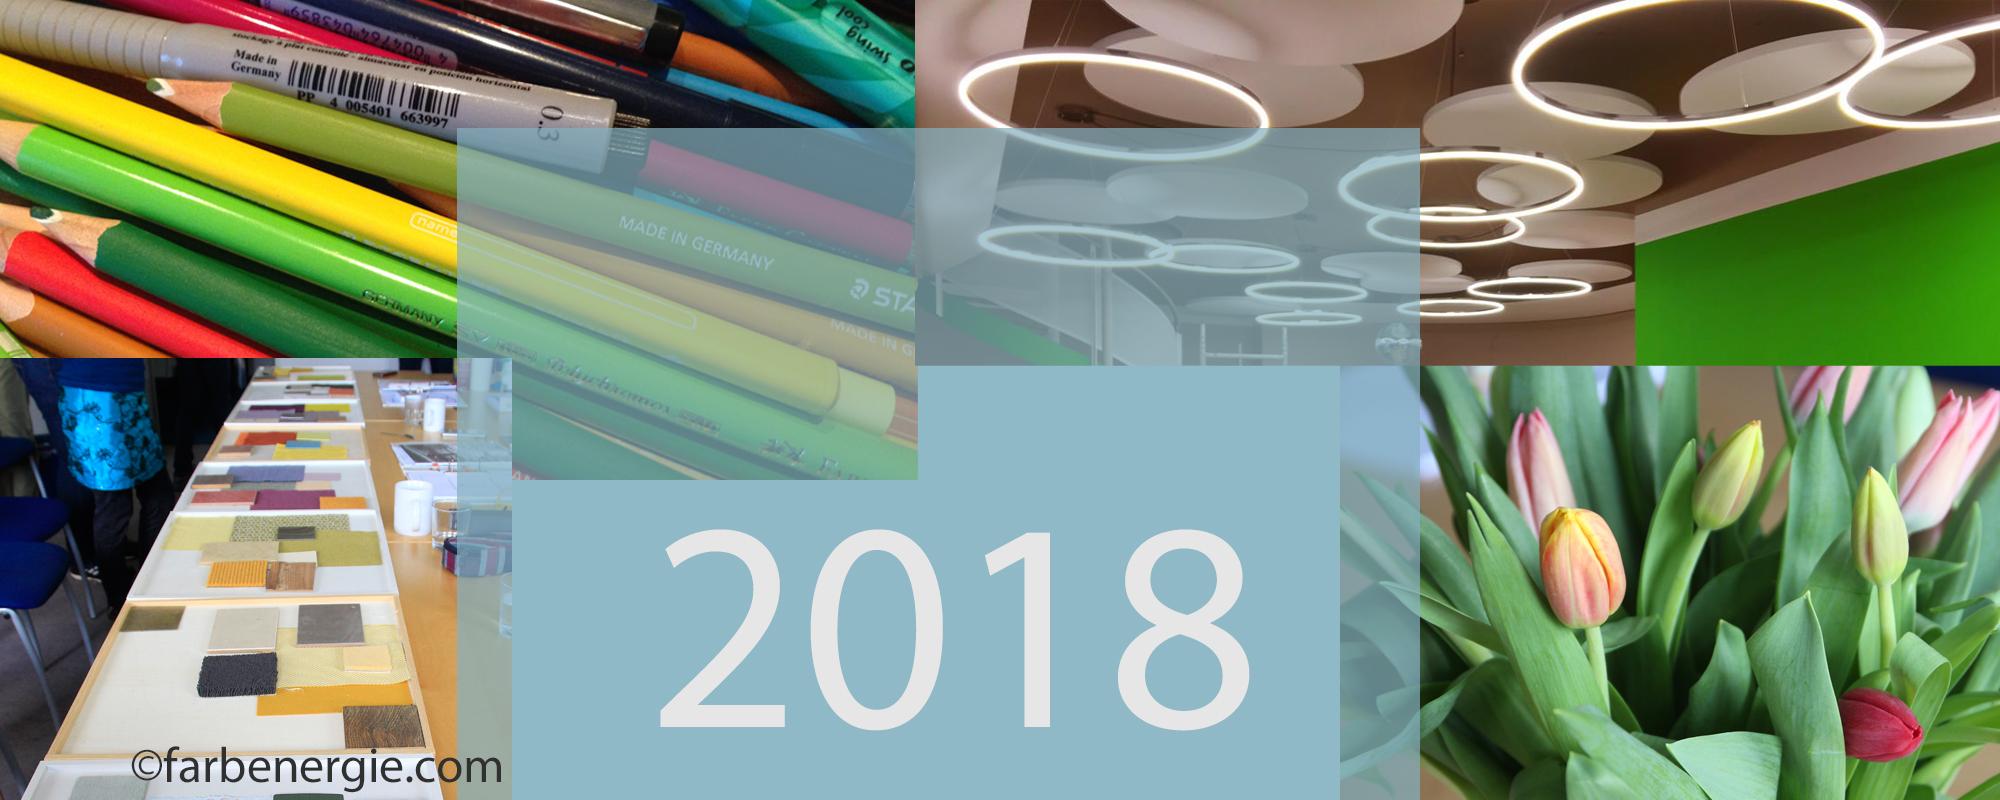 2018-vorschau-farbenergie-tine-kocourek